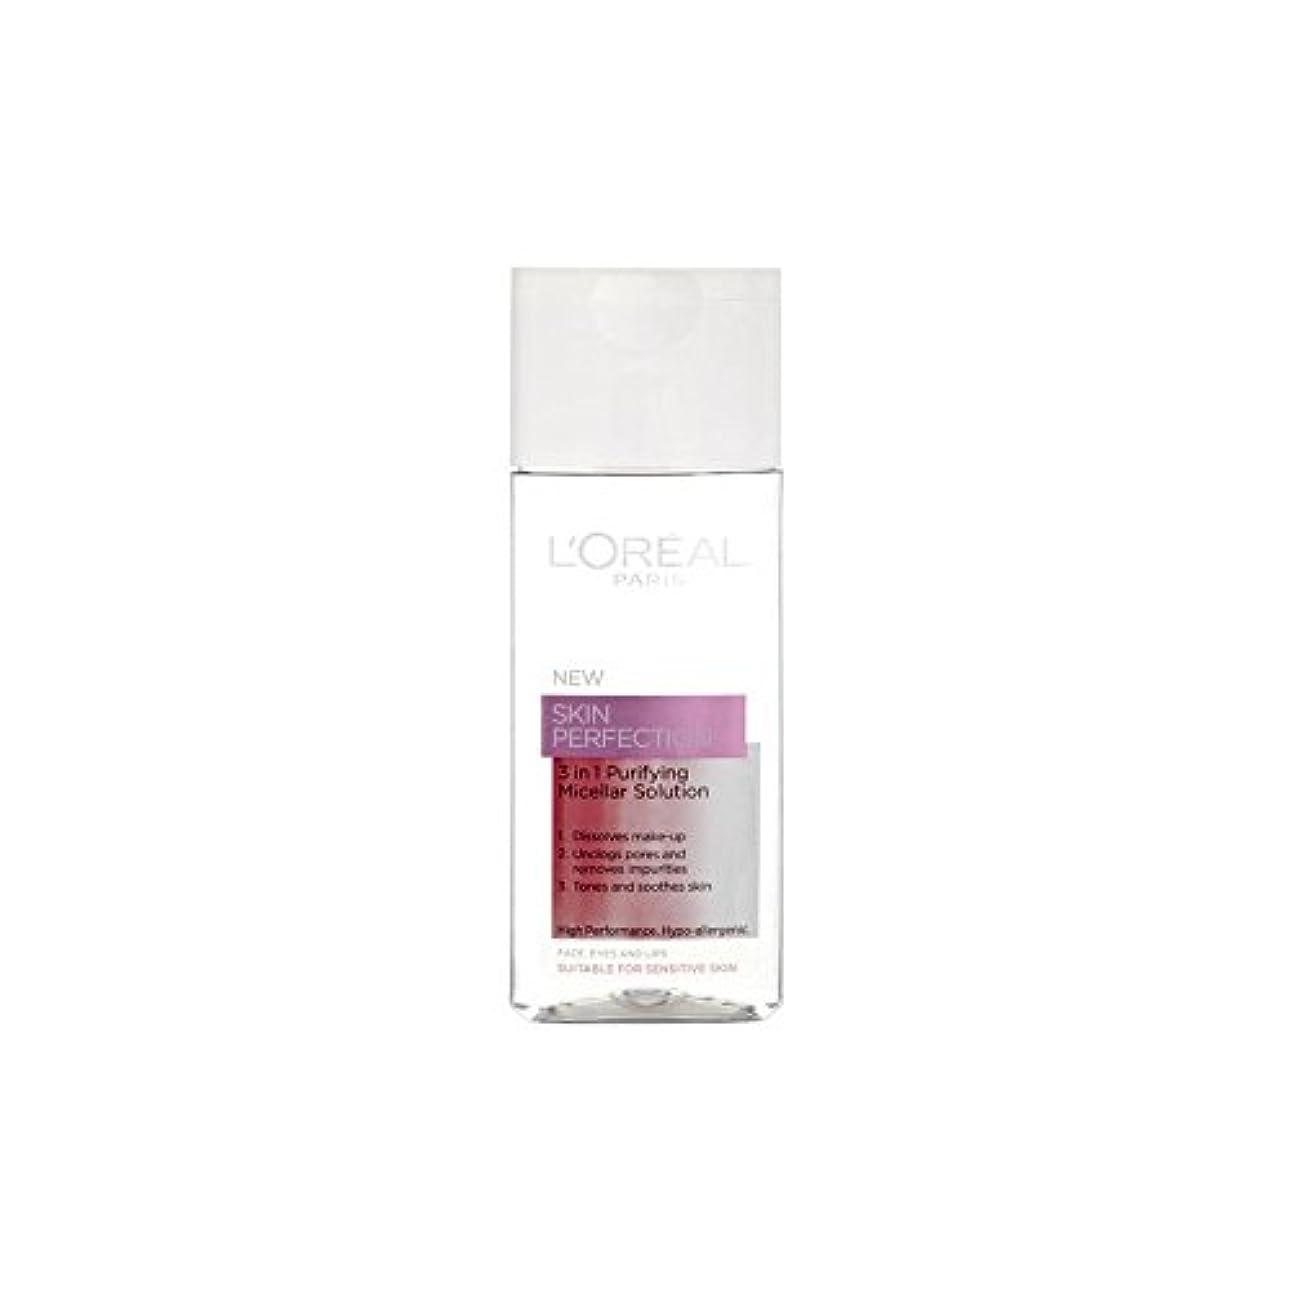 勇気のある無しブレンドL'Oreal Paris Dermo Expertise Skin Perfection 3 In 1 Purifying Micellar Solution (200ml) - 1つの精製ミセル溶液中ロレアルパリ?ダーモ...